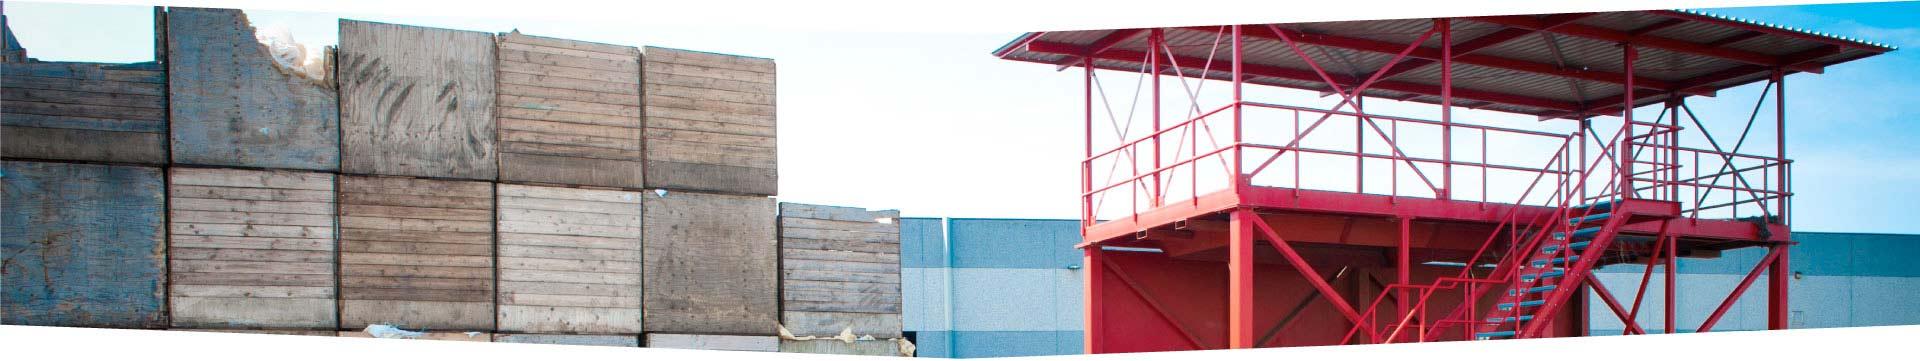 Staalconstructie bordes Steinweg Handelsveem door Ovec Multiservice